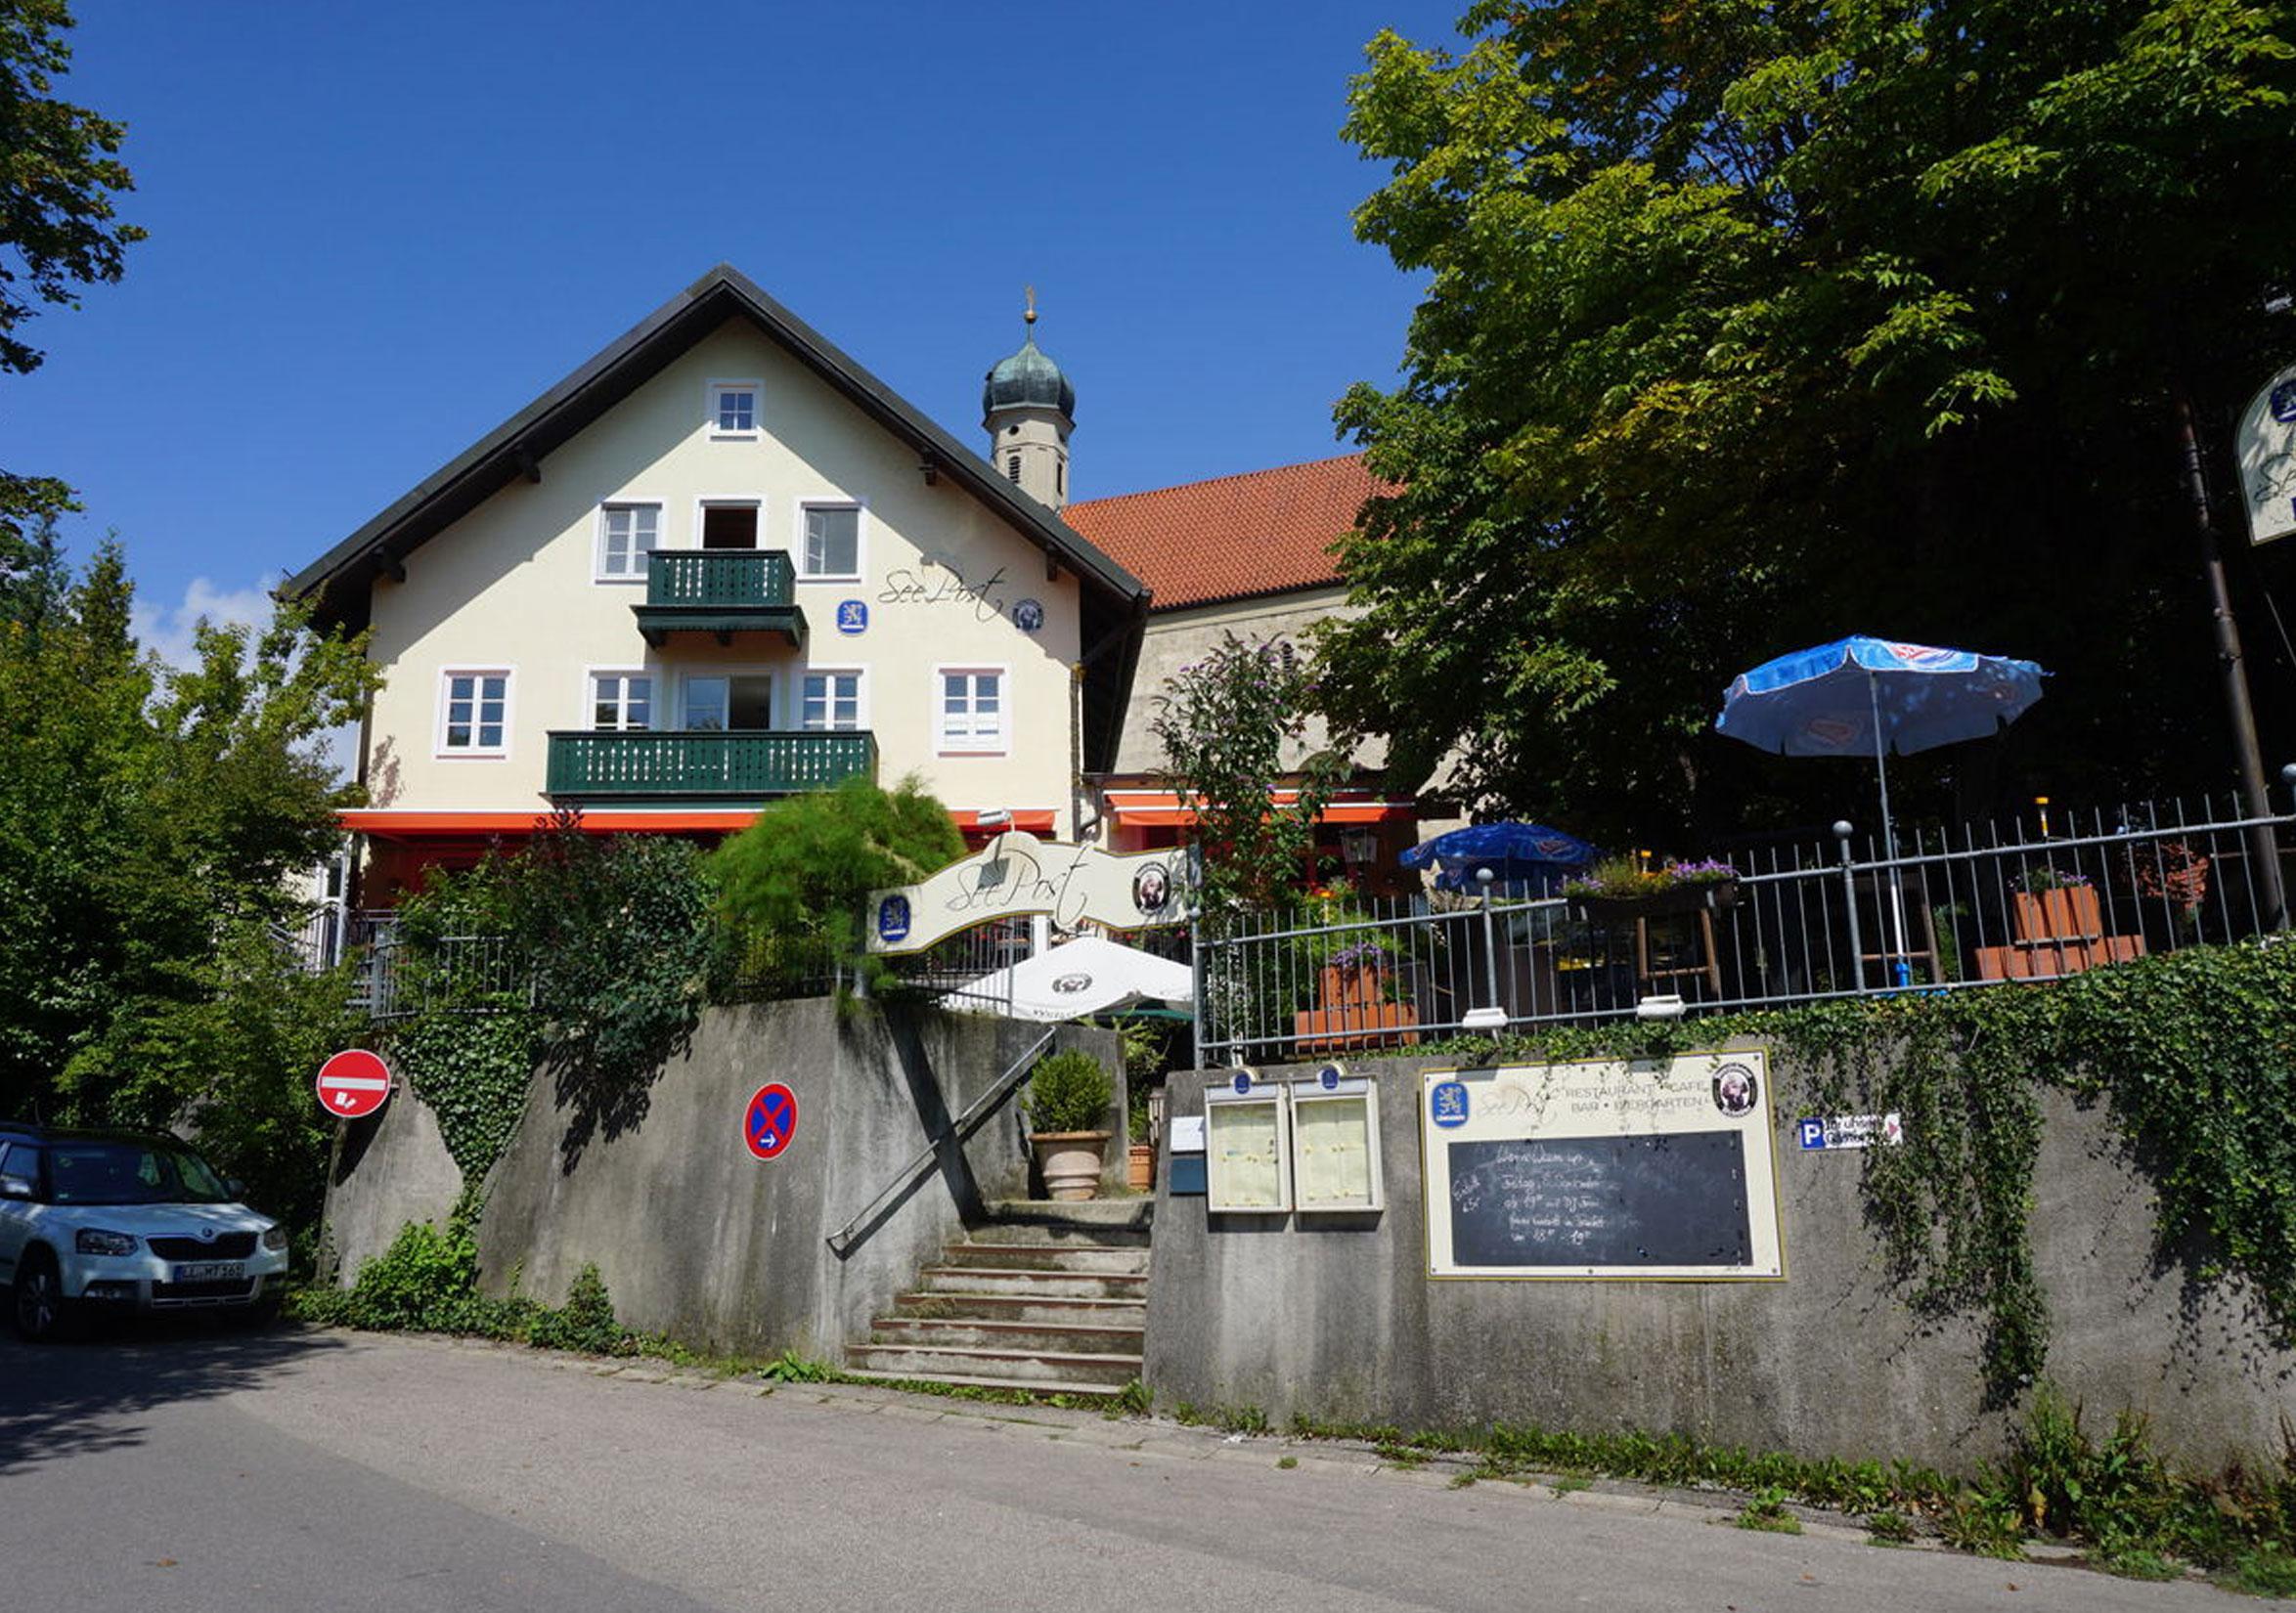 Seepost Schondorf